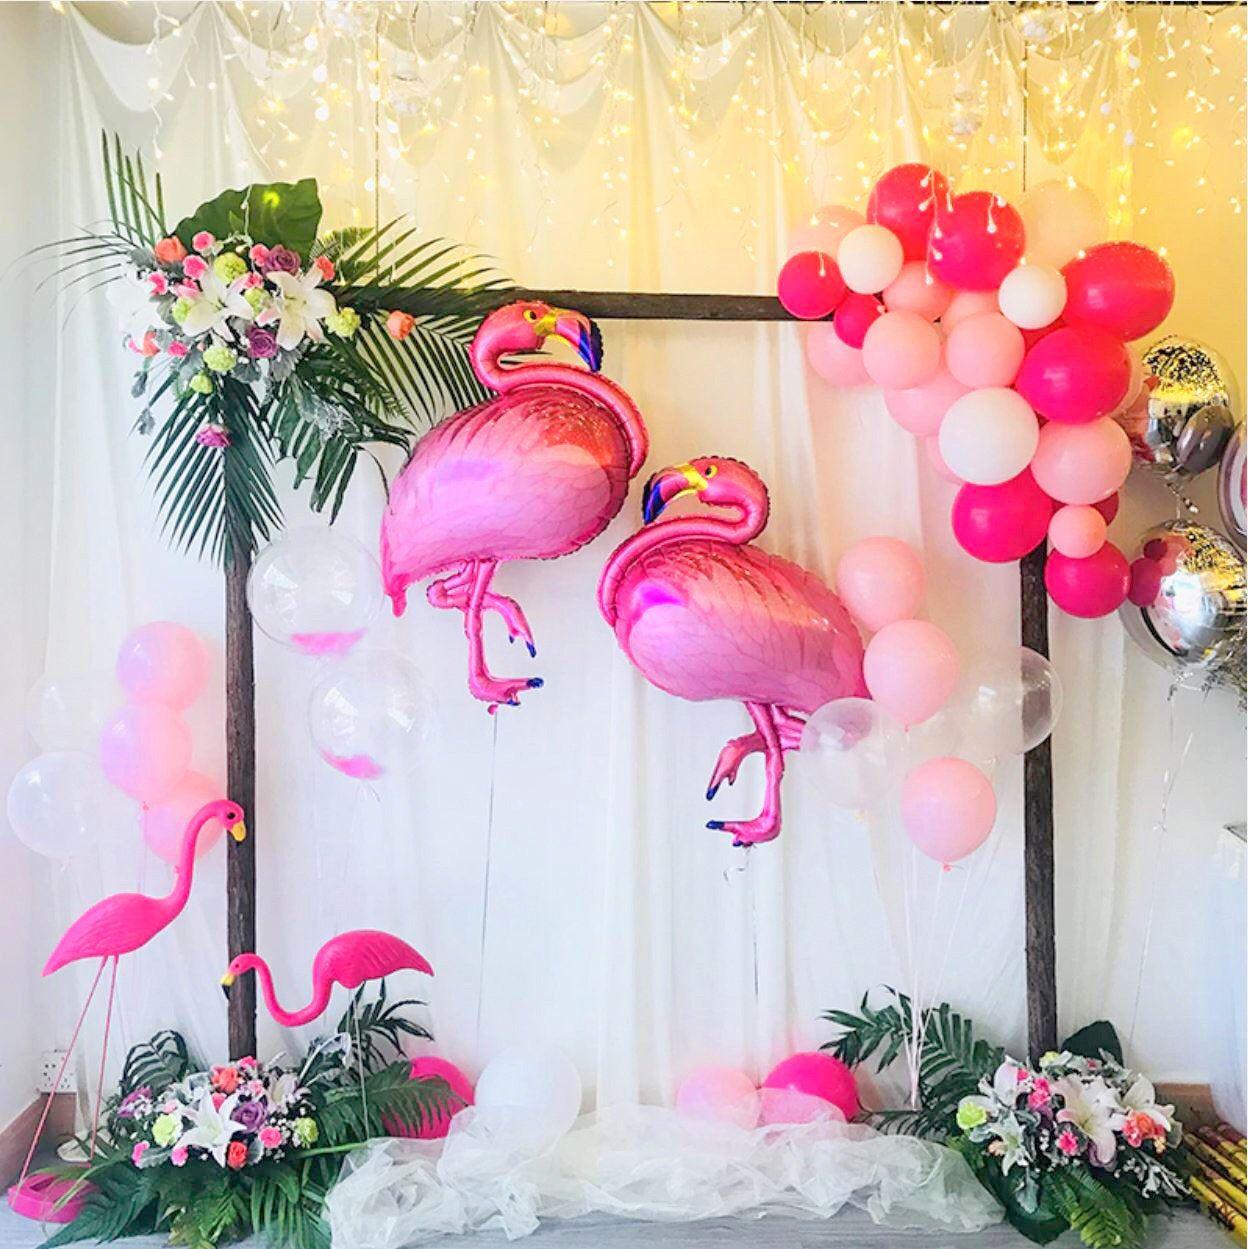 105cm Giant Flamingo Shape Foil Balloon Tropical Party Decor Etsy In 2020 Flamingo Themed Party Flamingo Birthday Luau Theme Party